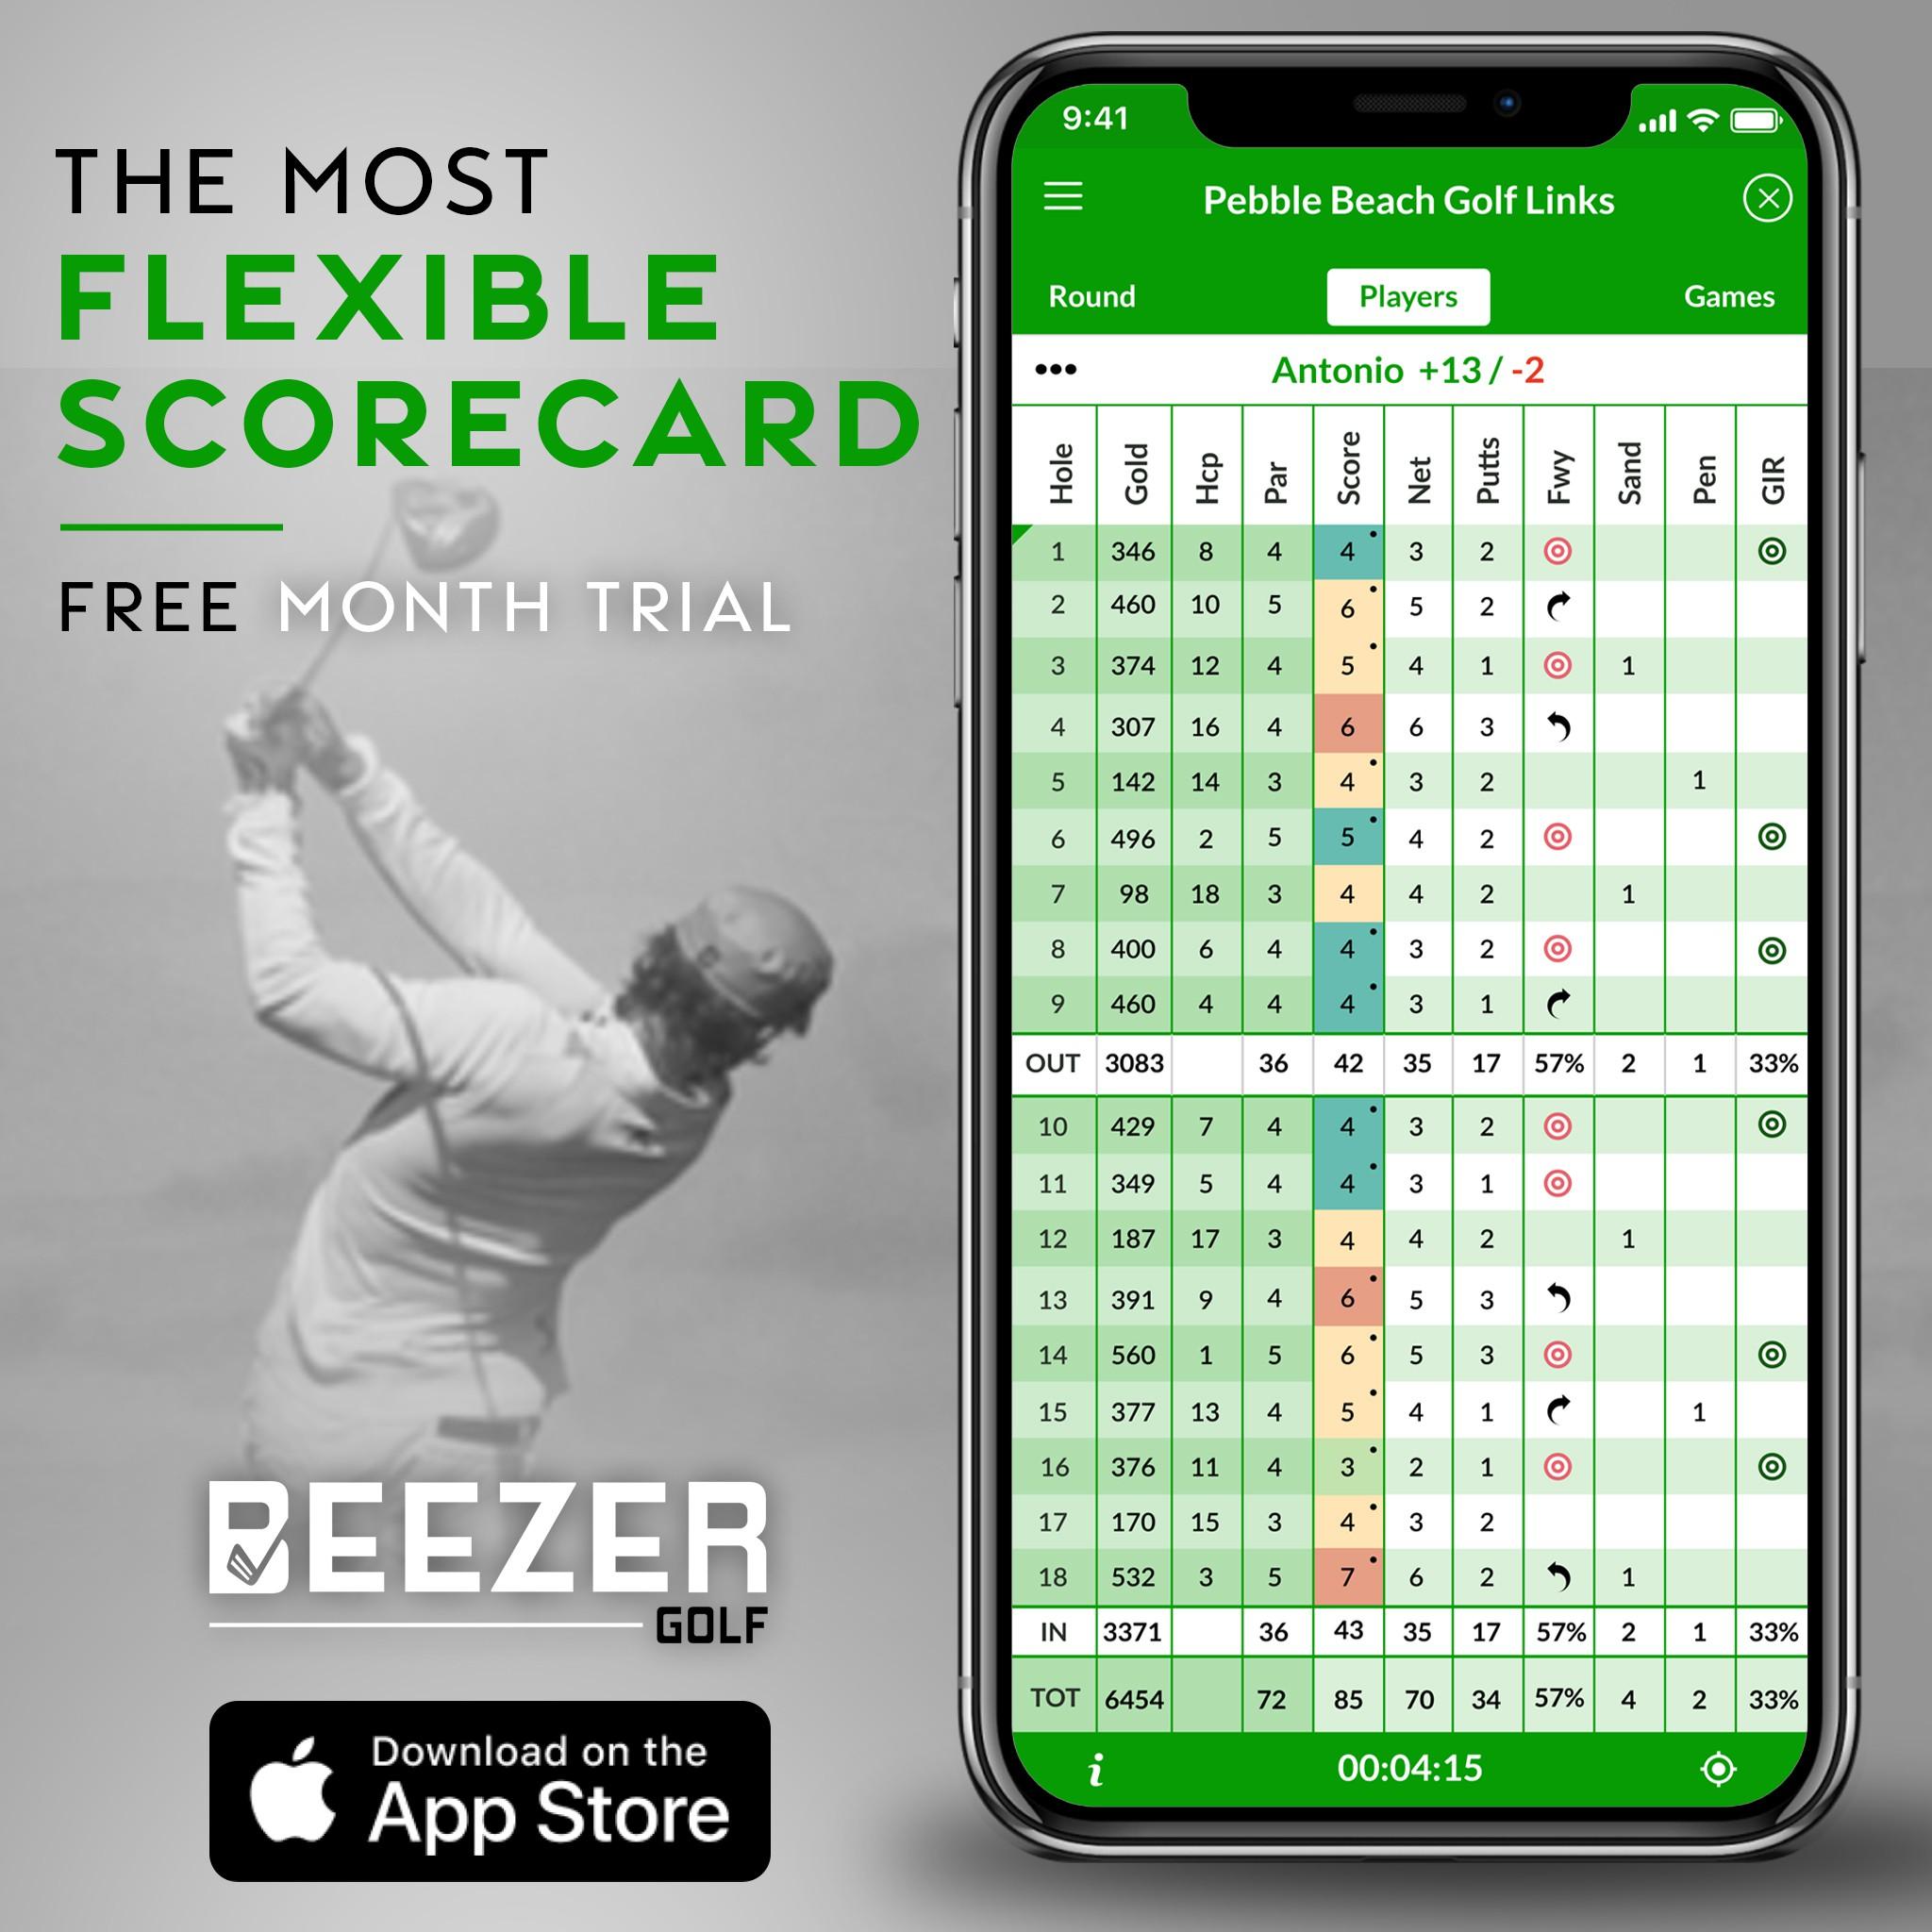 Flexible scorecard